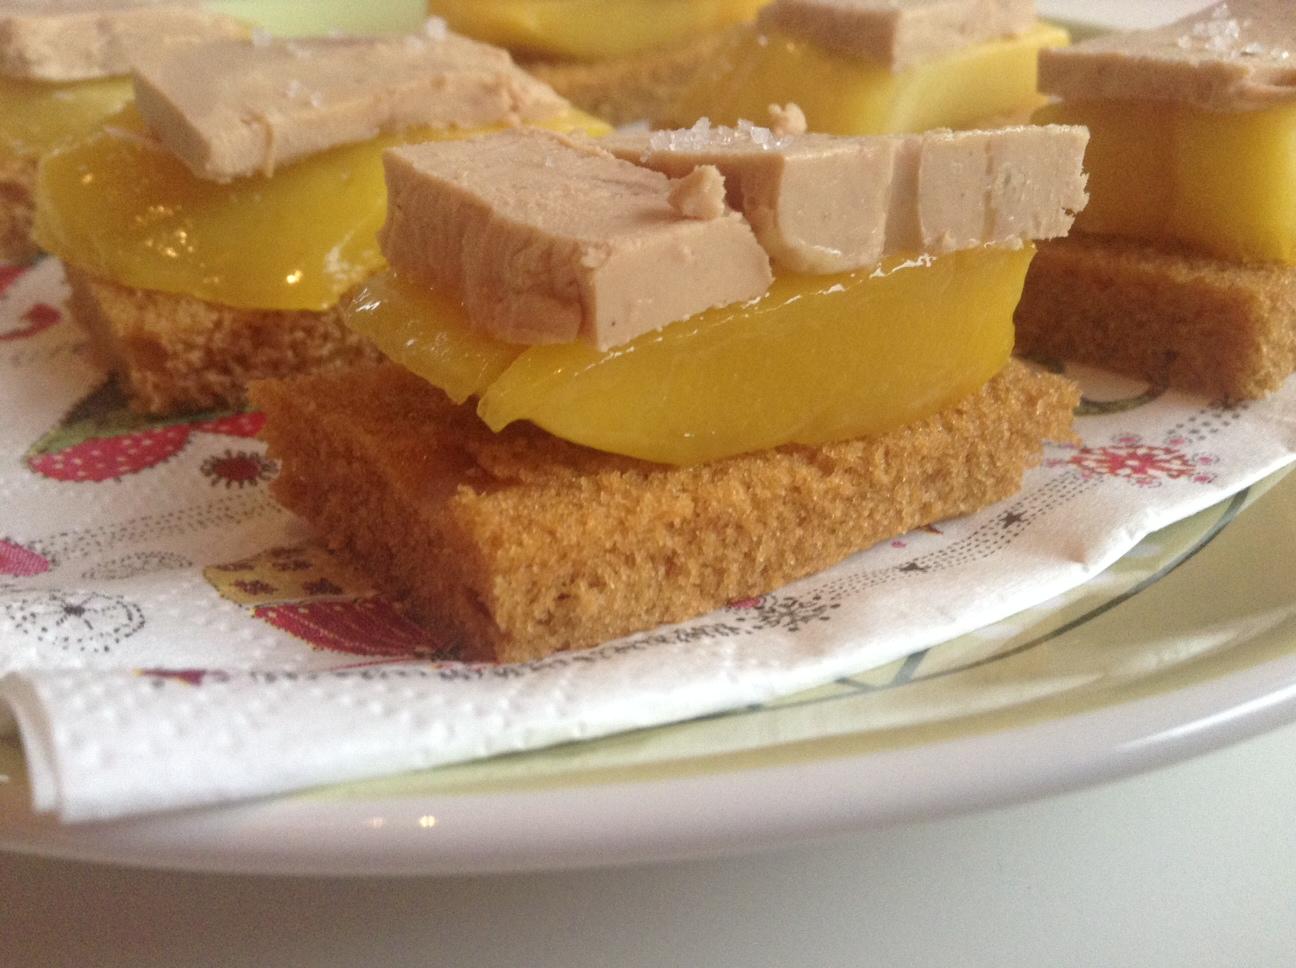 Ap ro festif 1 toasts foie gras pain d pices mangue for Amuse bouche foie gras aperitif